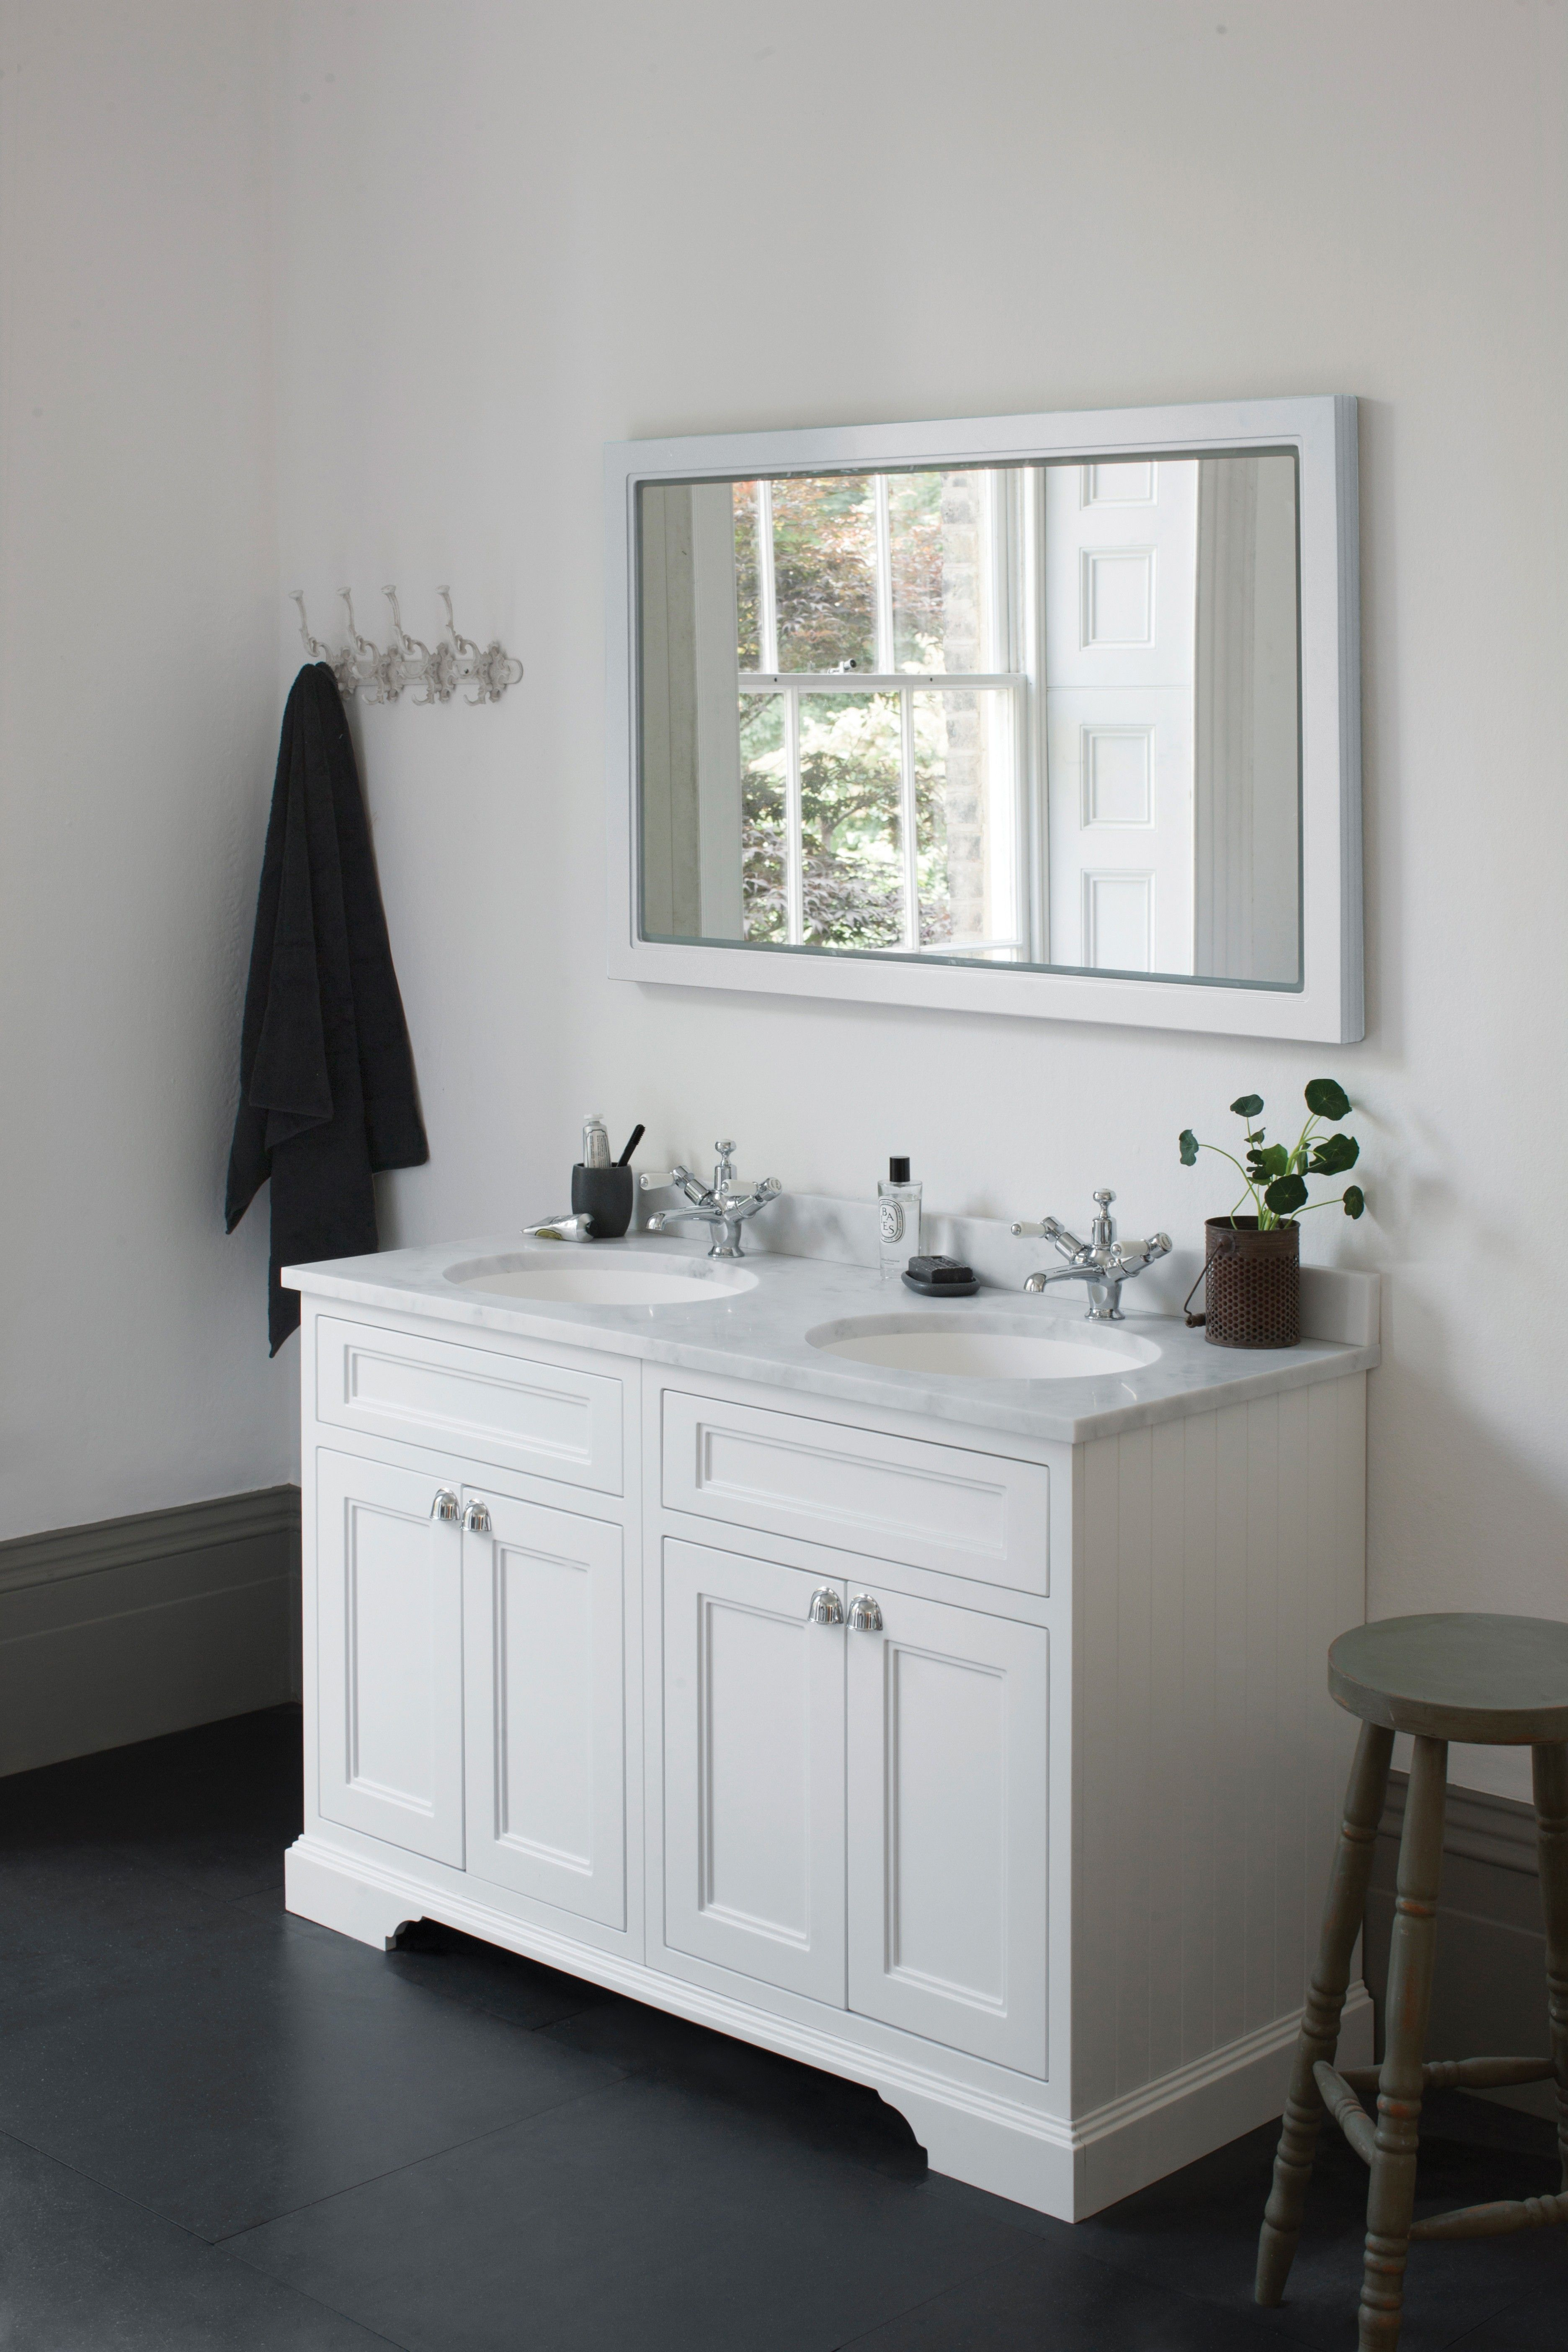 Doppel Waschtisch Kommode Burlington 130 Cm Mit Türen, Minerva Marmor